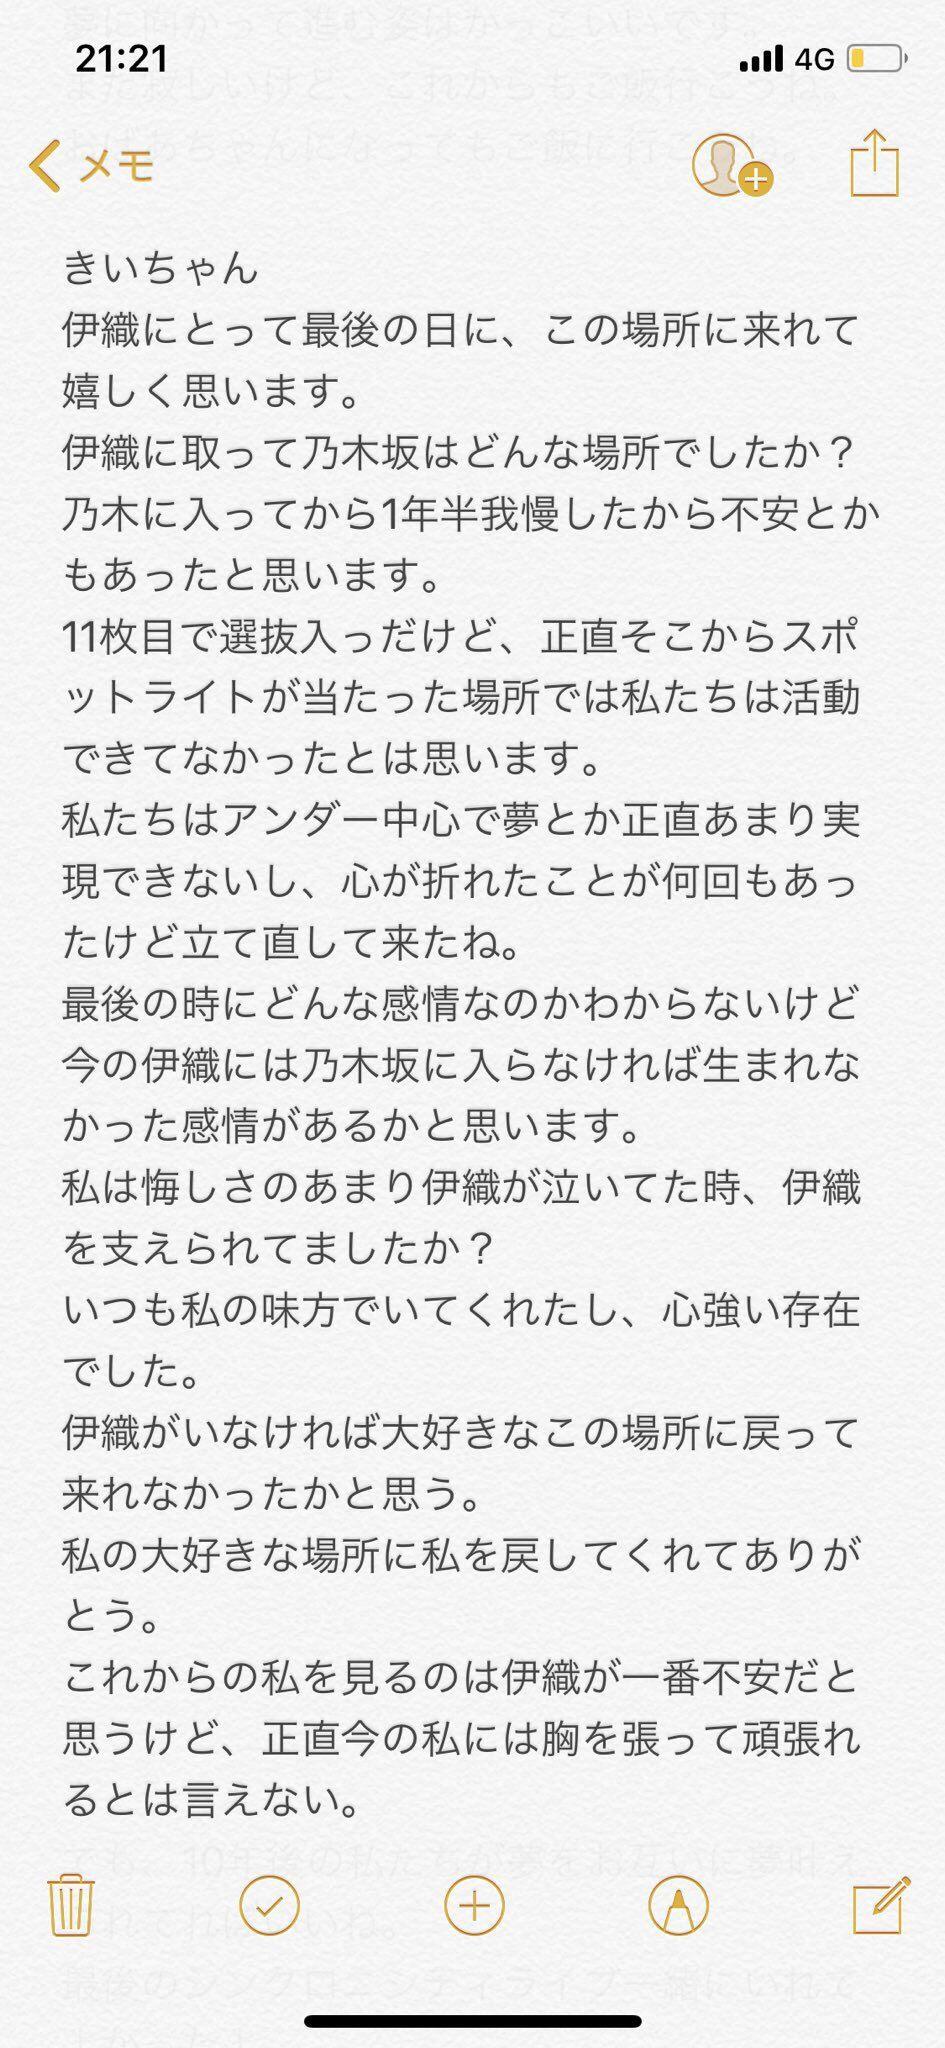 斎藤ちはる&相楽伊織卒業セレモニー きいちゃんから伊織への手紙